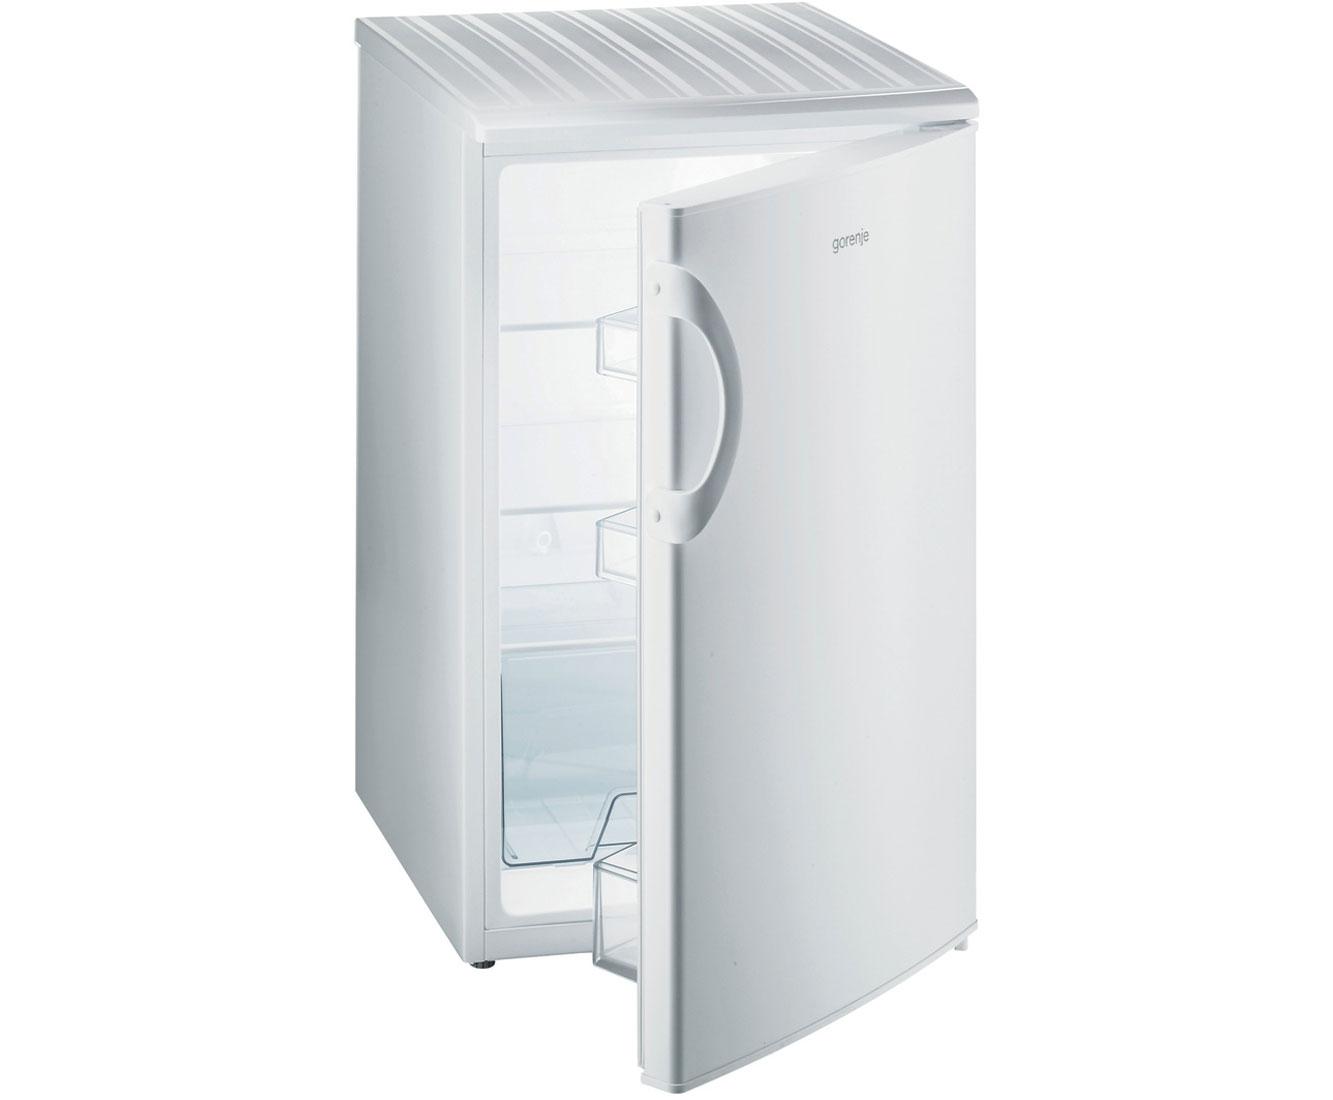 Gorenje R 3091 ANW Kühlschränke - Weiß